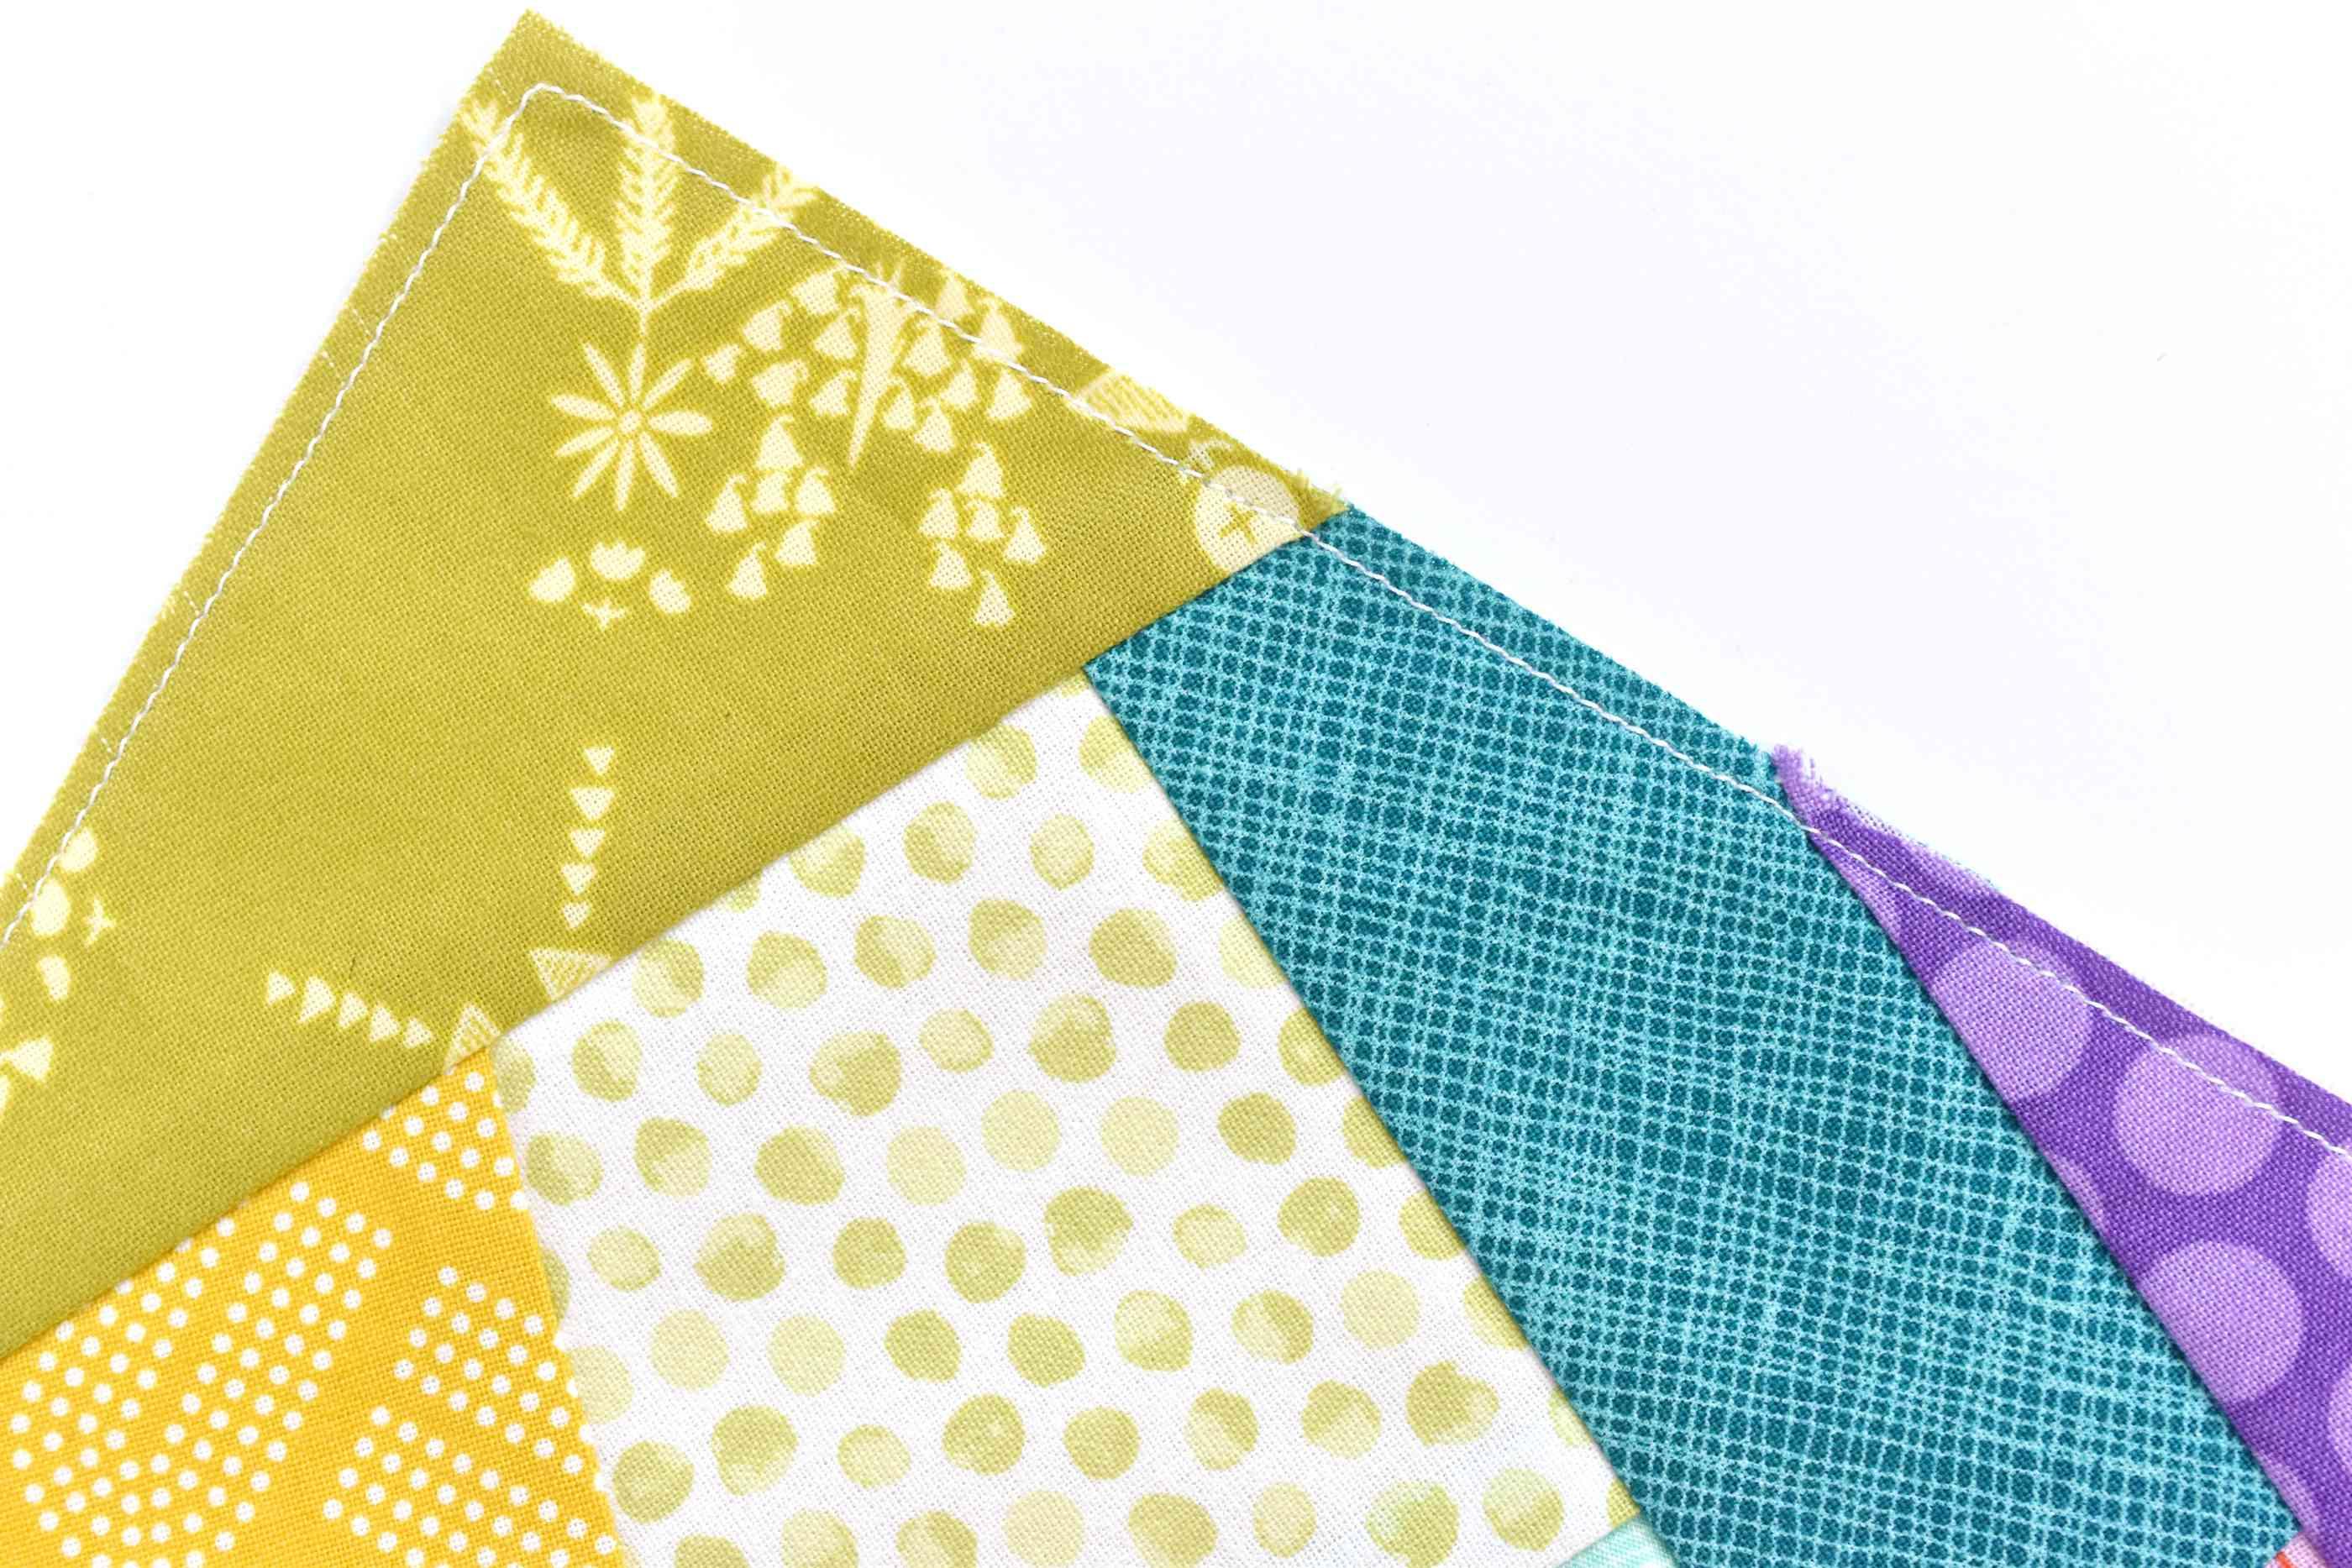 A corner edge of a crazy quilt block